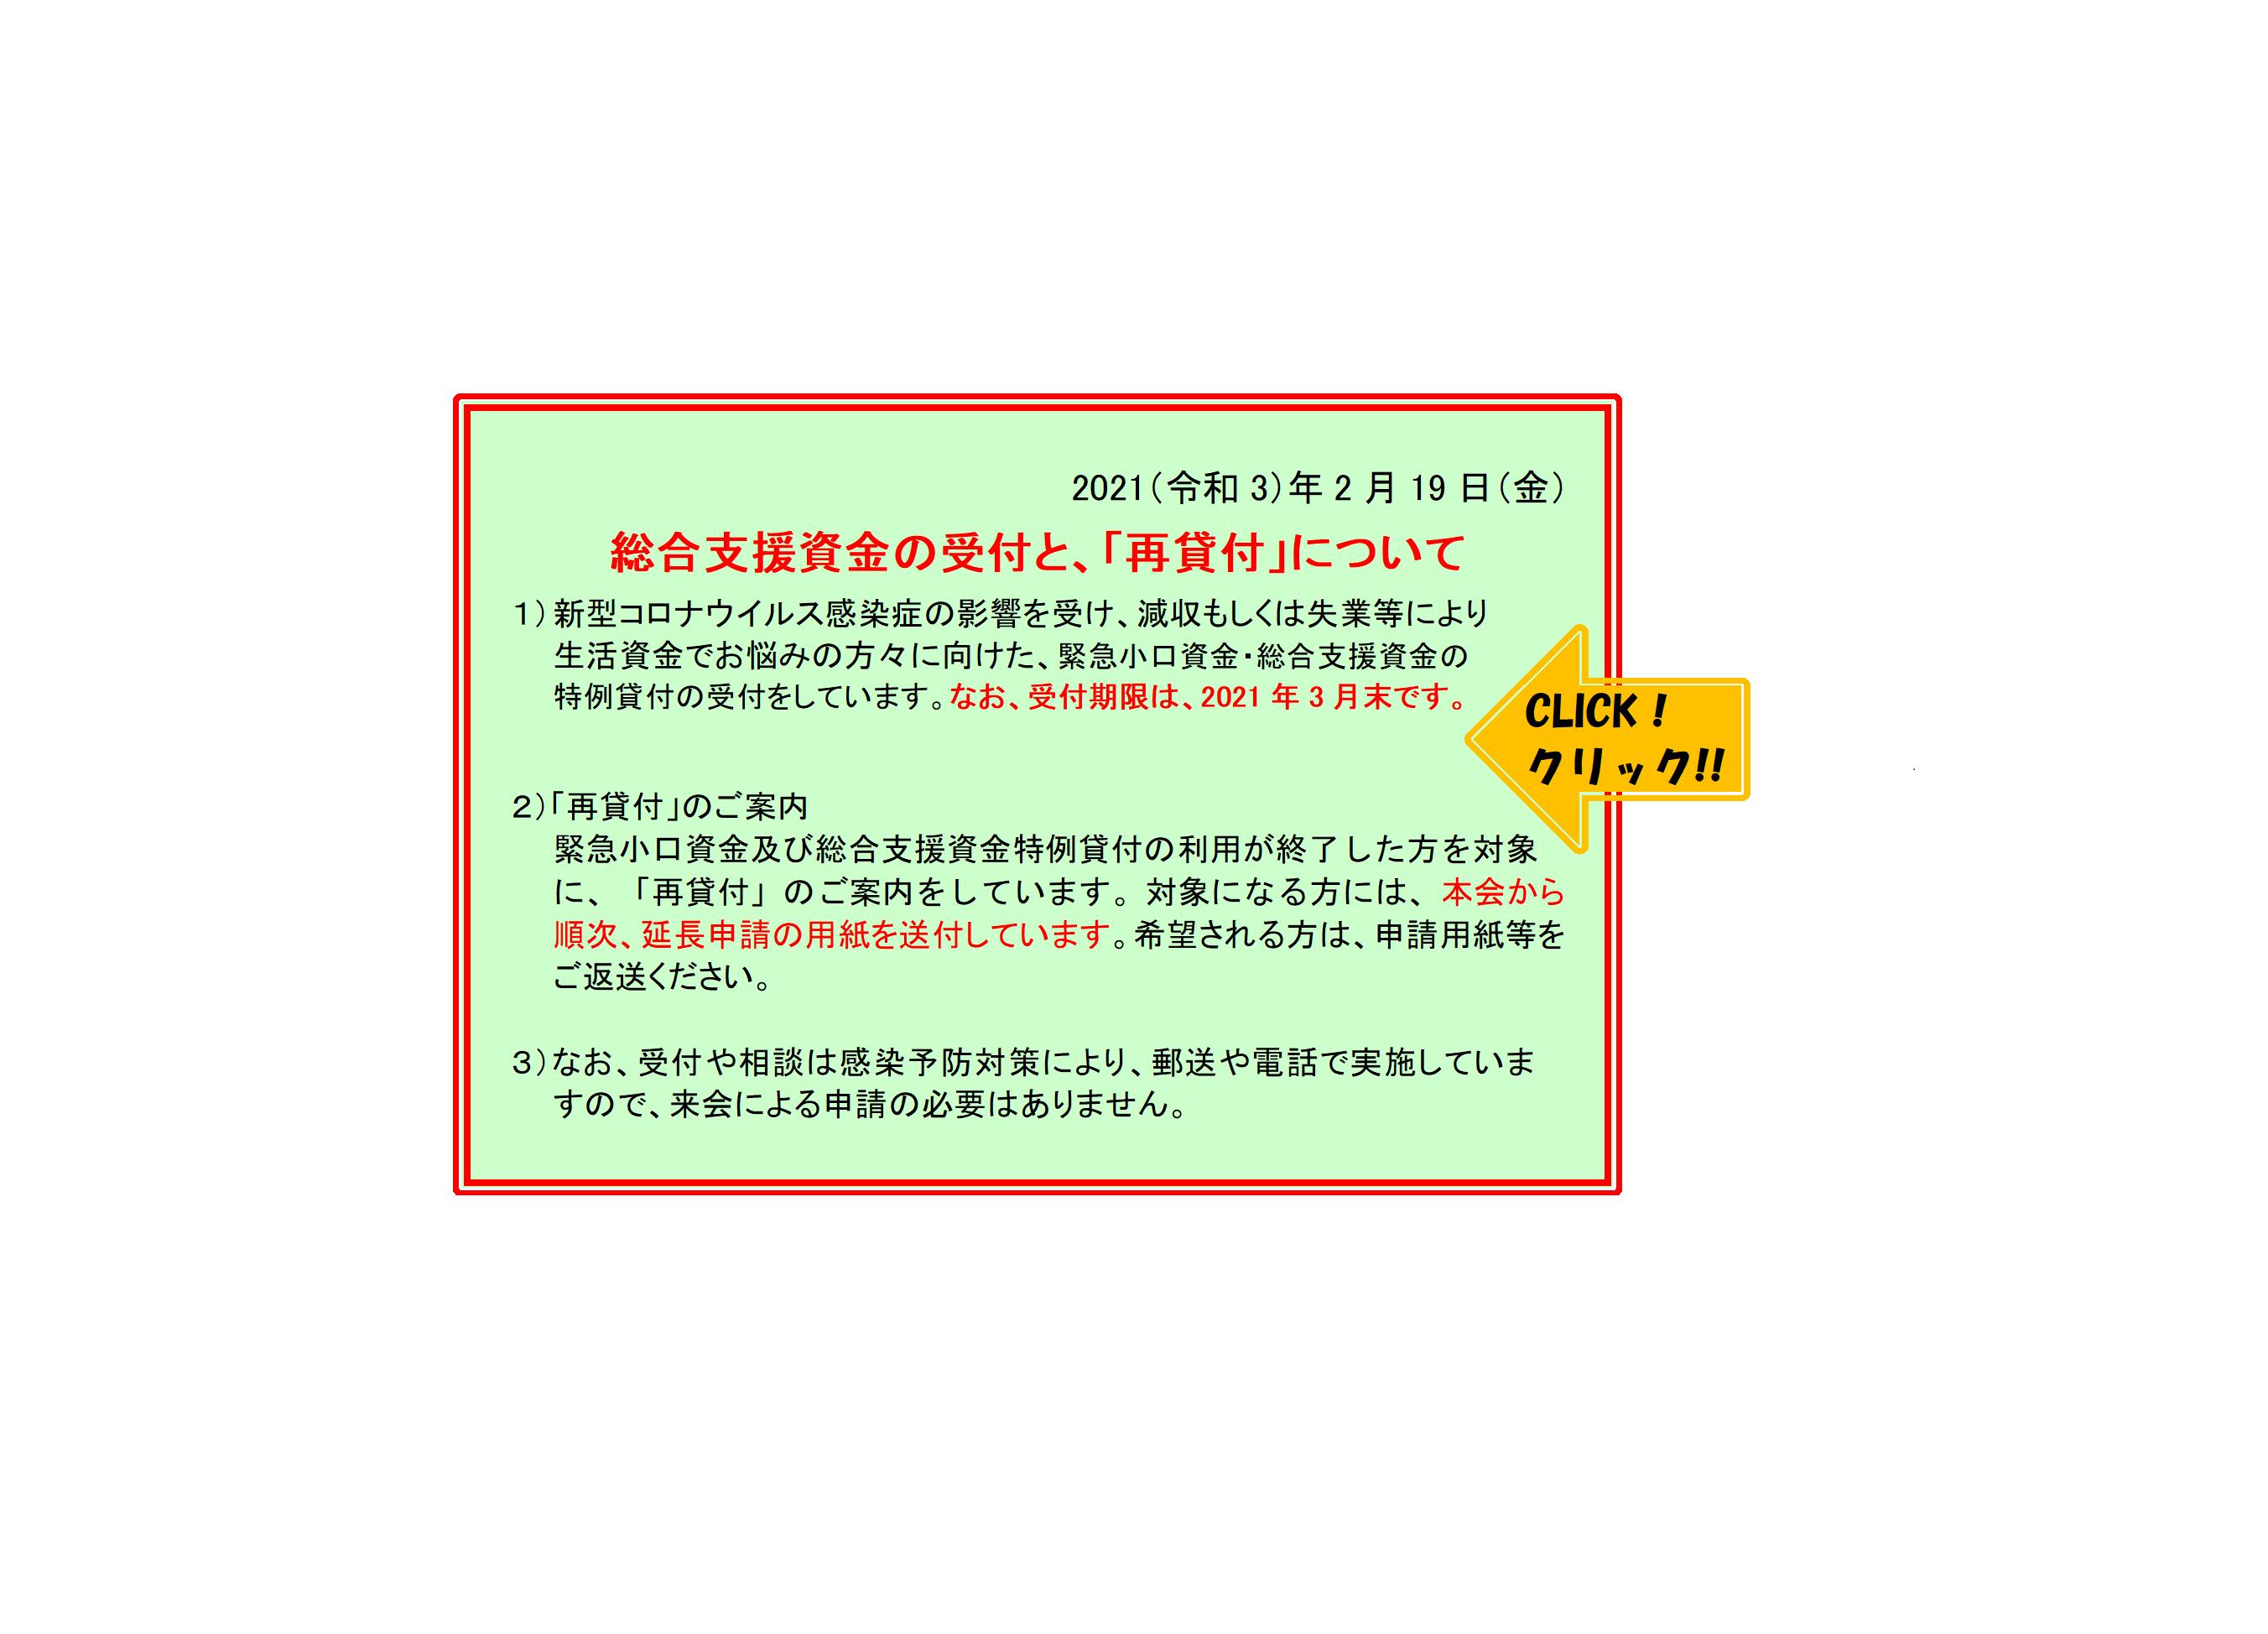 会 貸付 延長 福祉 協議 社会